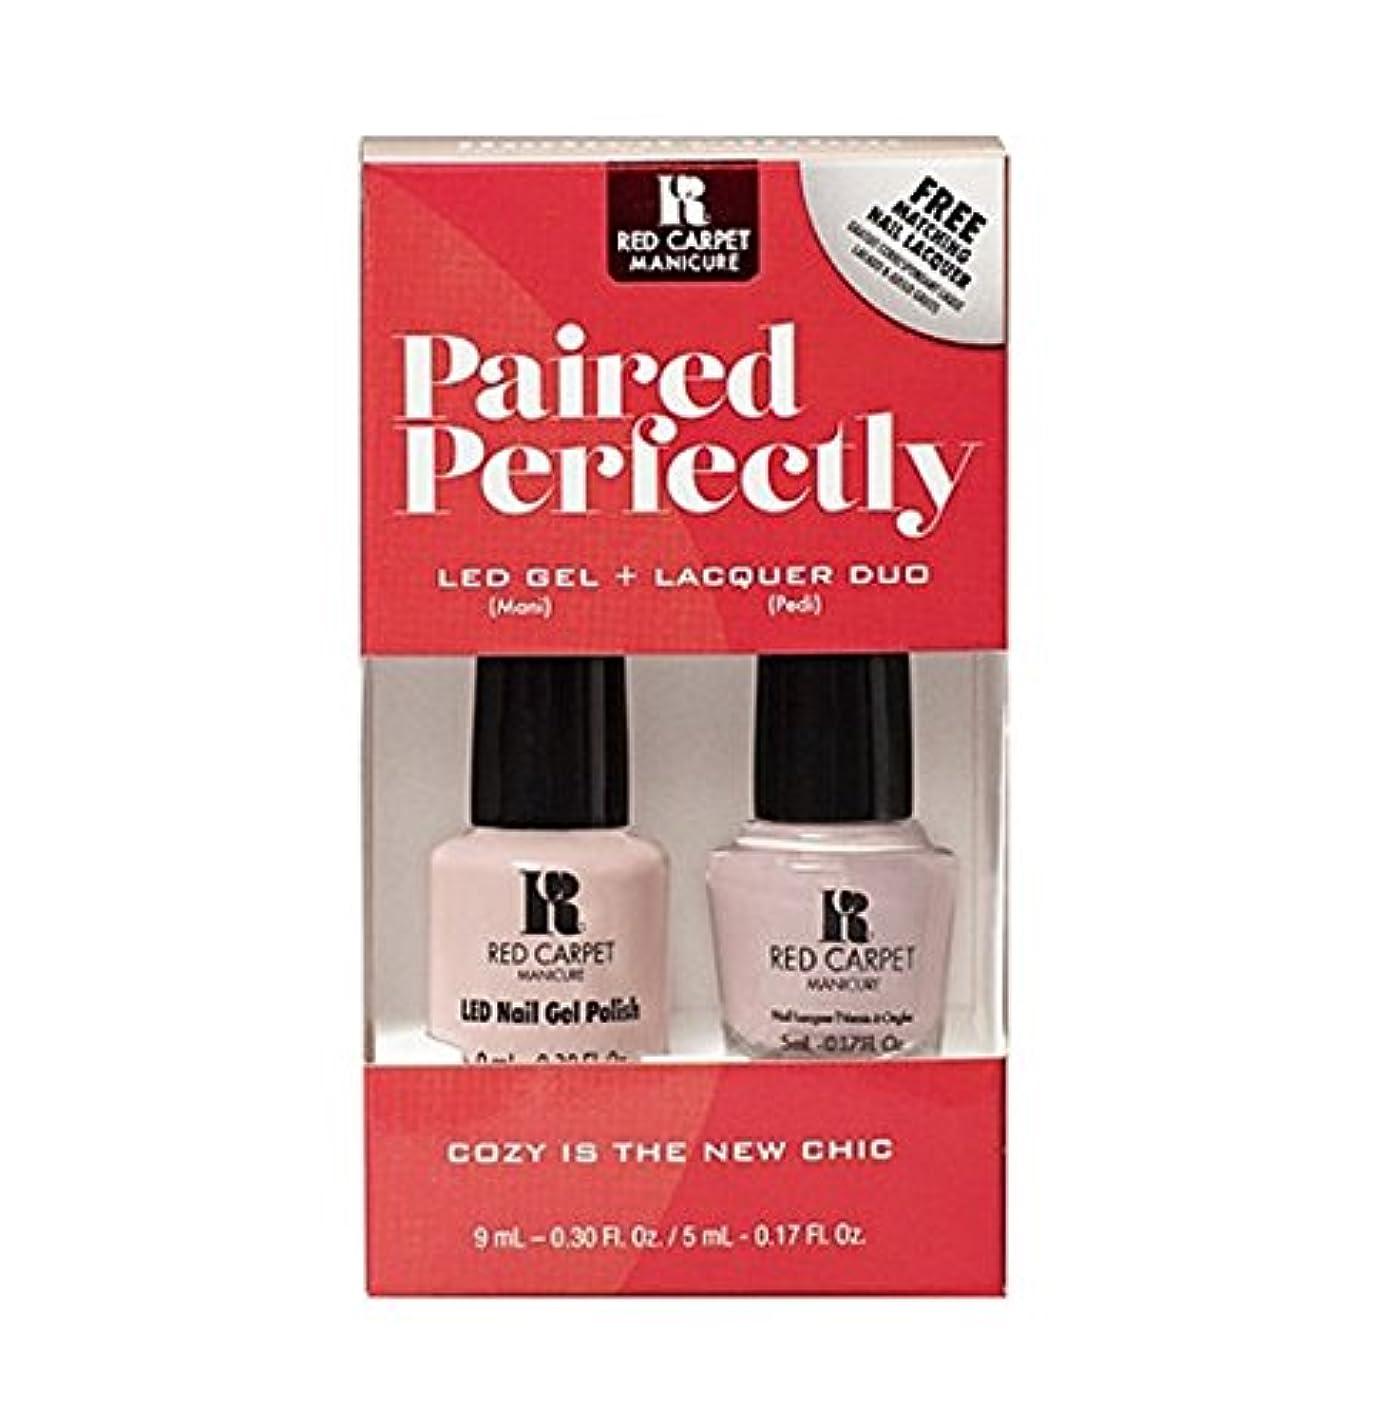 靴下賛辞研磨Red Carpet Manicure - Paired Perfectly GEL & Lacquer DUO - Cozy Is the New Chic